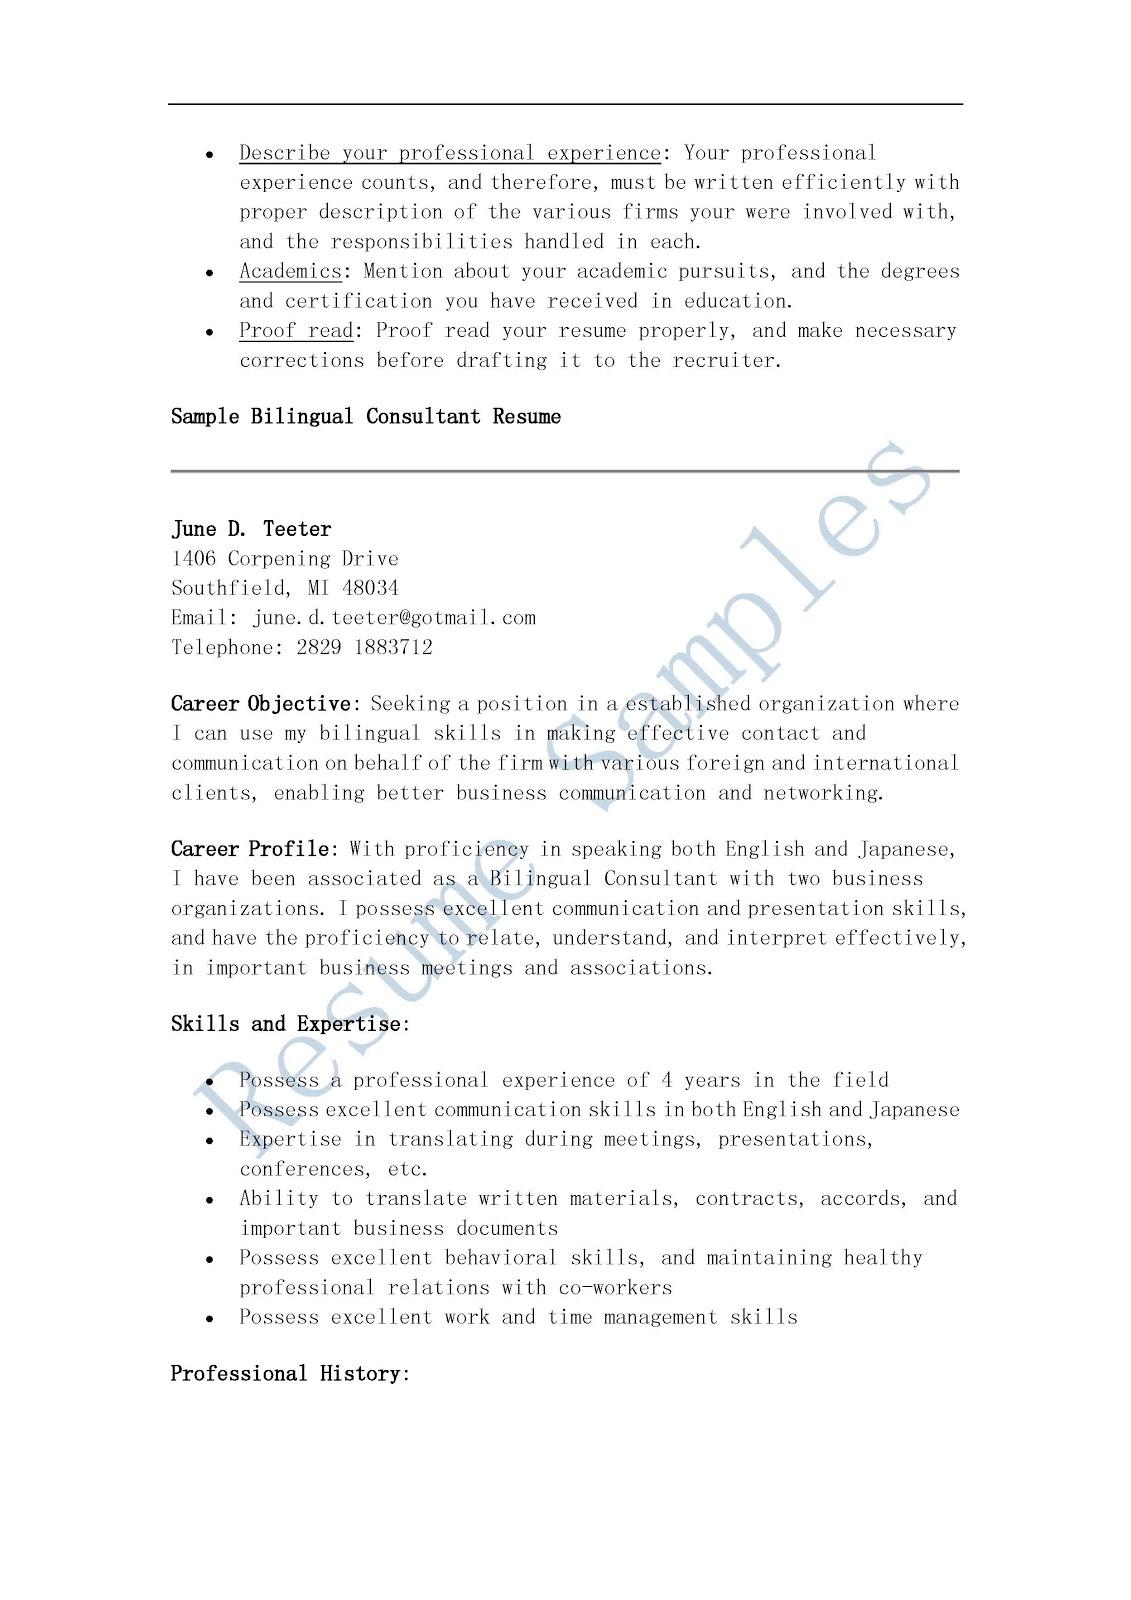 resume sles bilingual consultant resume